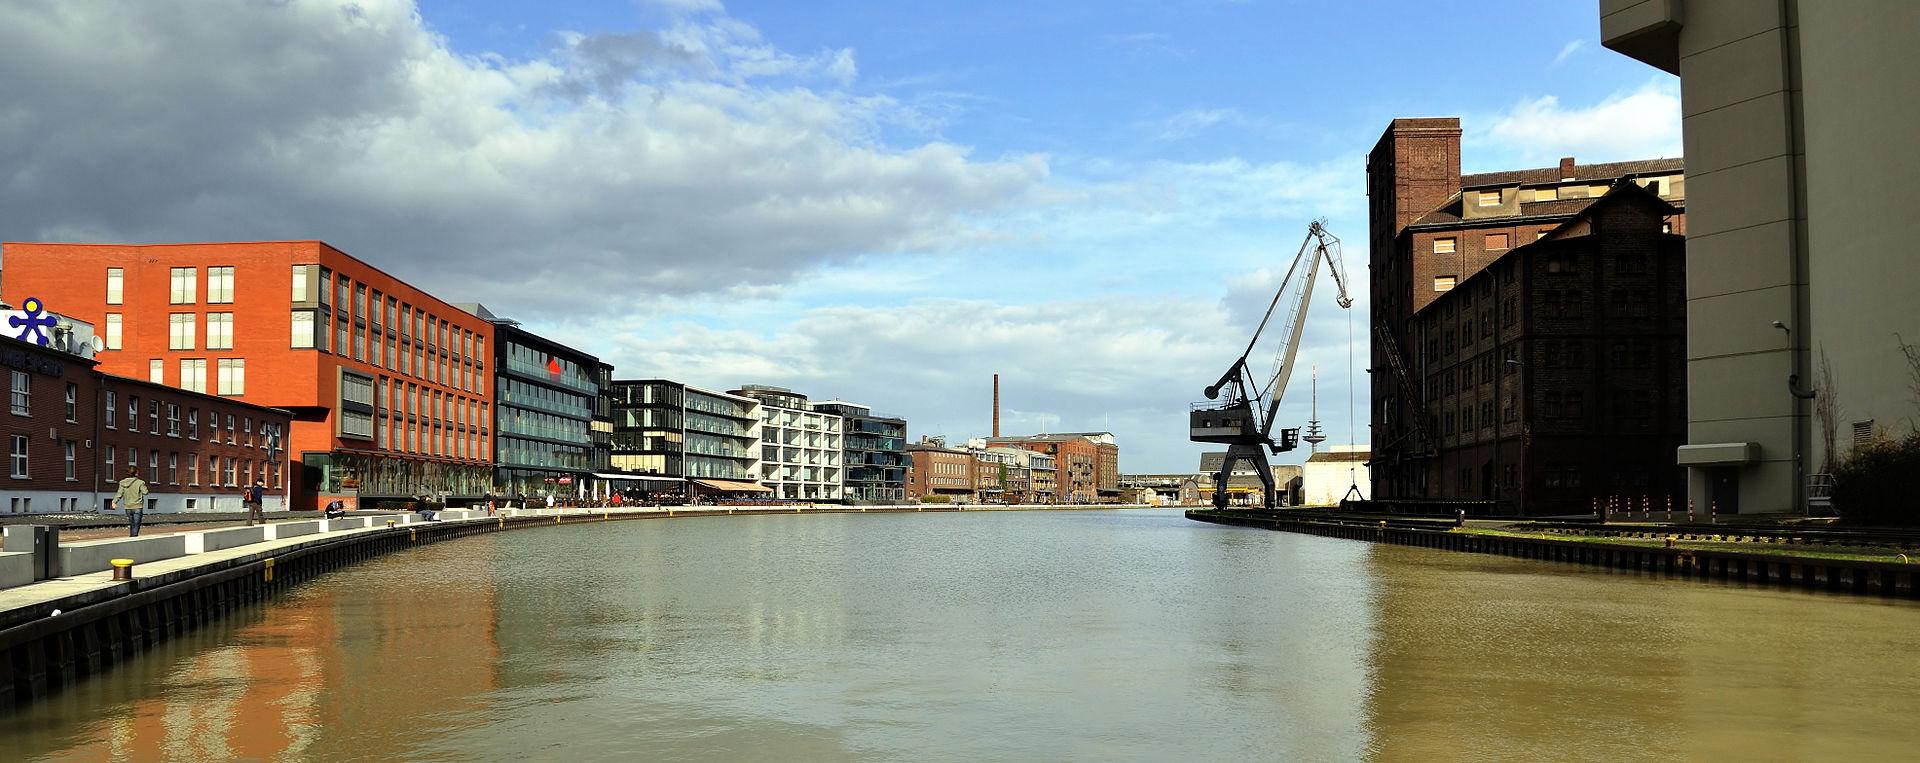 Bild Hafen Münster